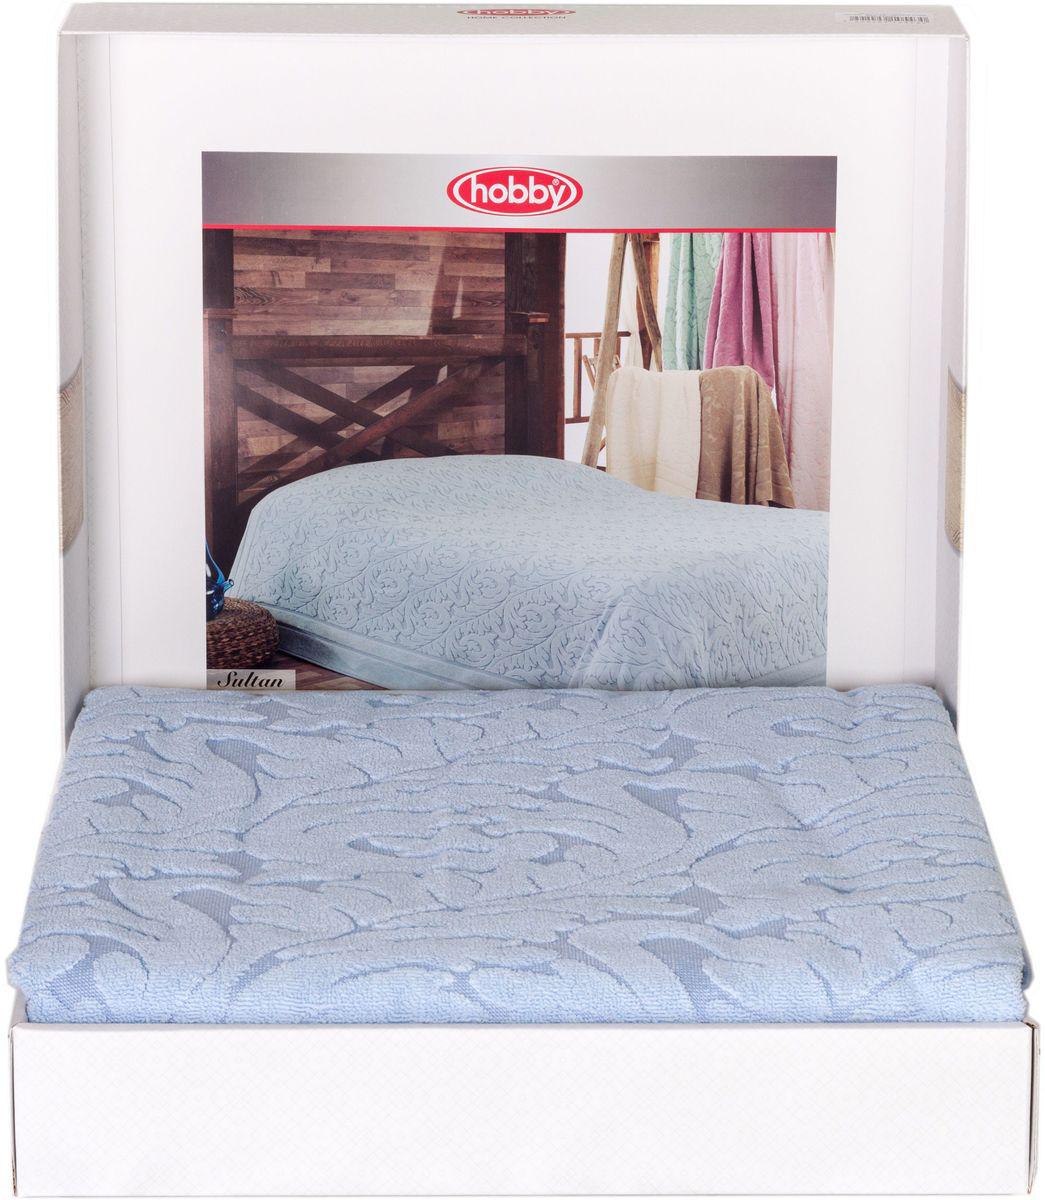 Покрывало Hobby Home Collection Sultan, цвет: голубой, 200 х 220 см1501001007Шикарное покрывало Hobby Home Collection Sultan изготовлено из 100% хлопка высшей категории. Оно обладает замечательными дышащими свойствами и будет хорошо смотреться как на диване, так и на большой кровати. Данное покрывало можно также использовать в качестве одеяла.